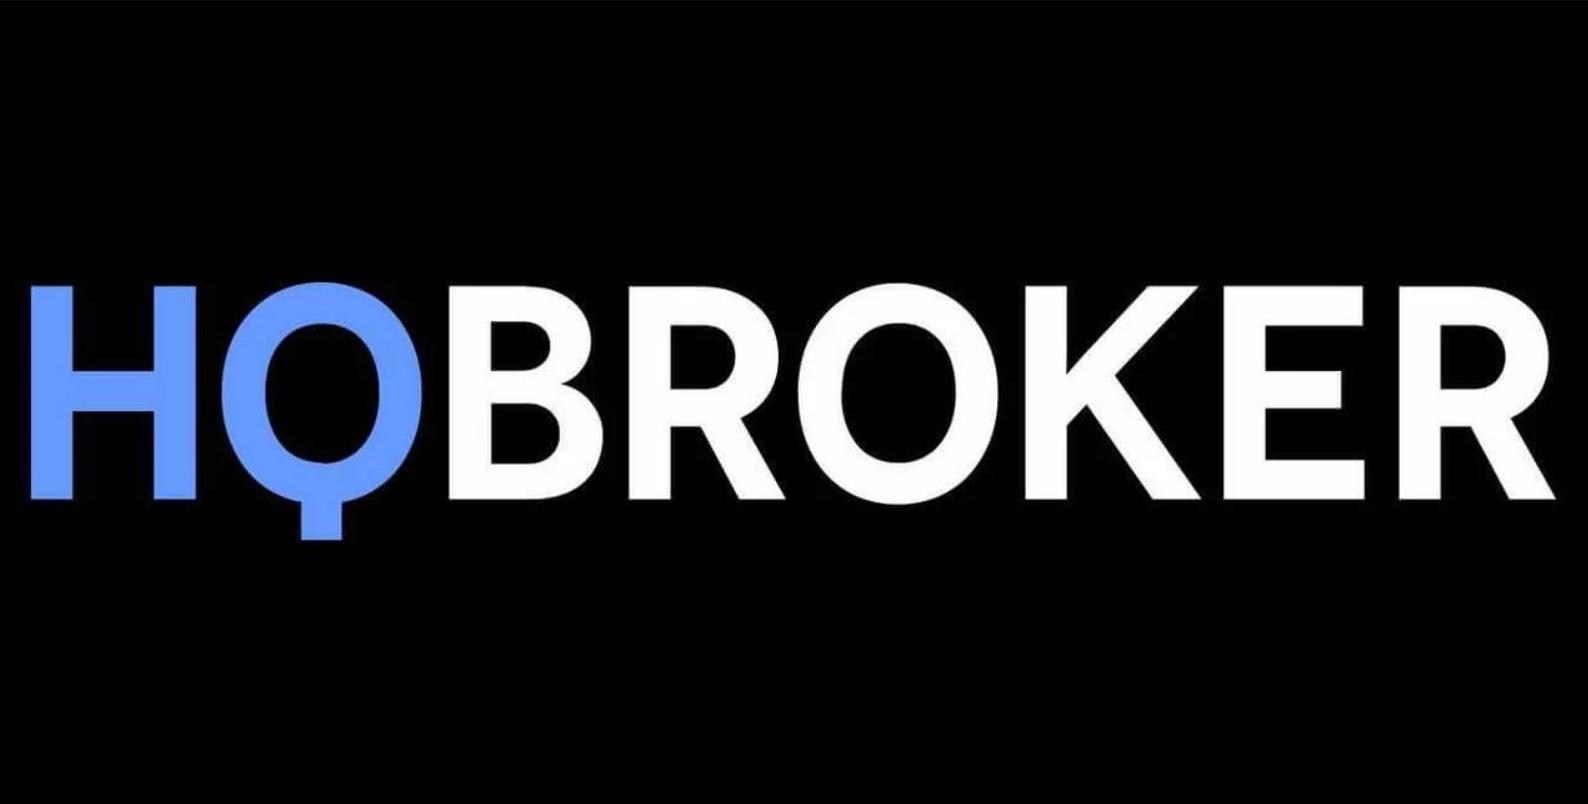 Форекс брокер HQBroker: обзор, отзывы трейдеров, преимущества и недостатки